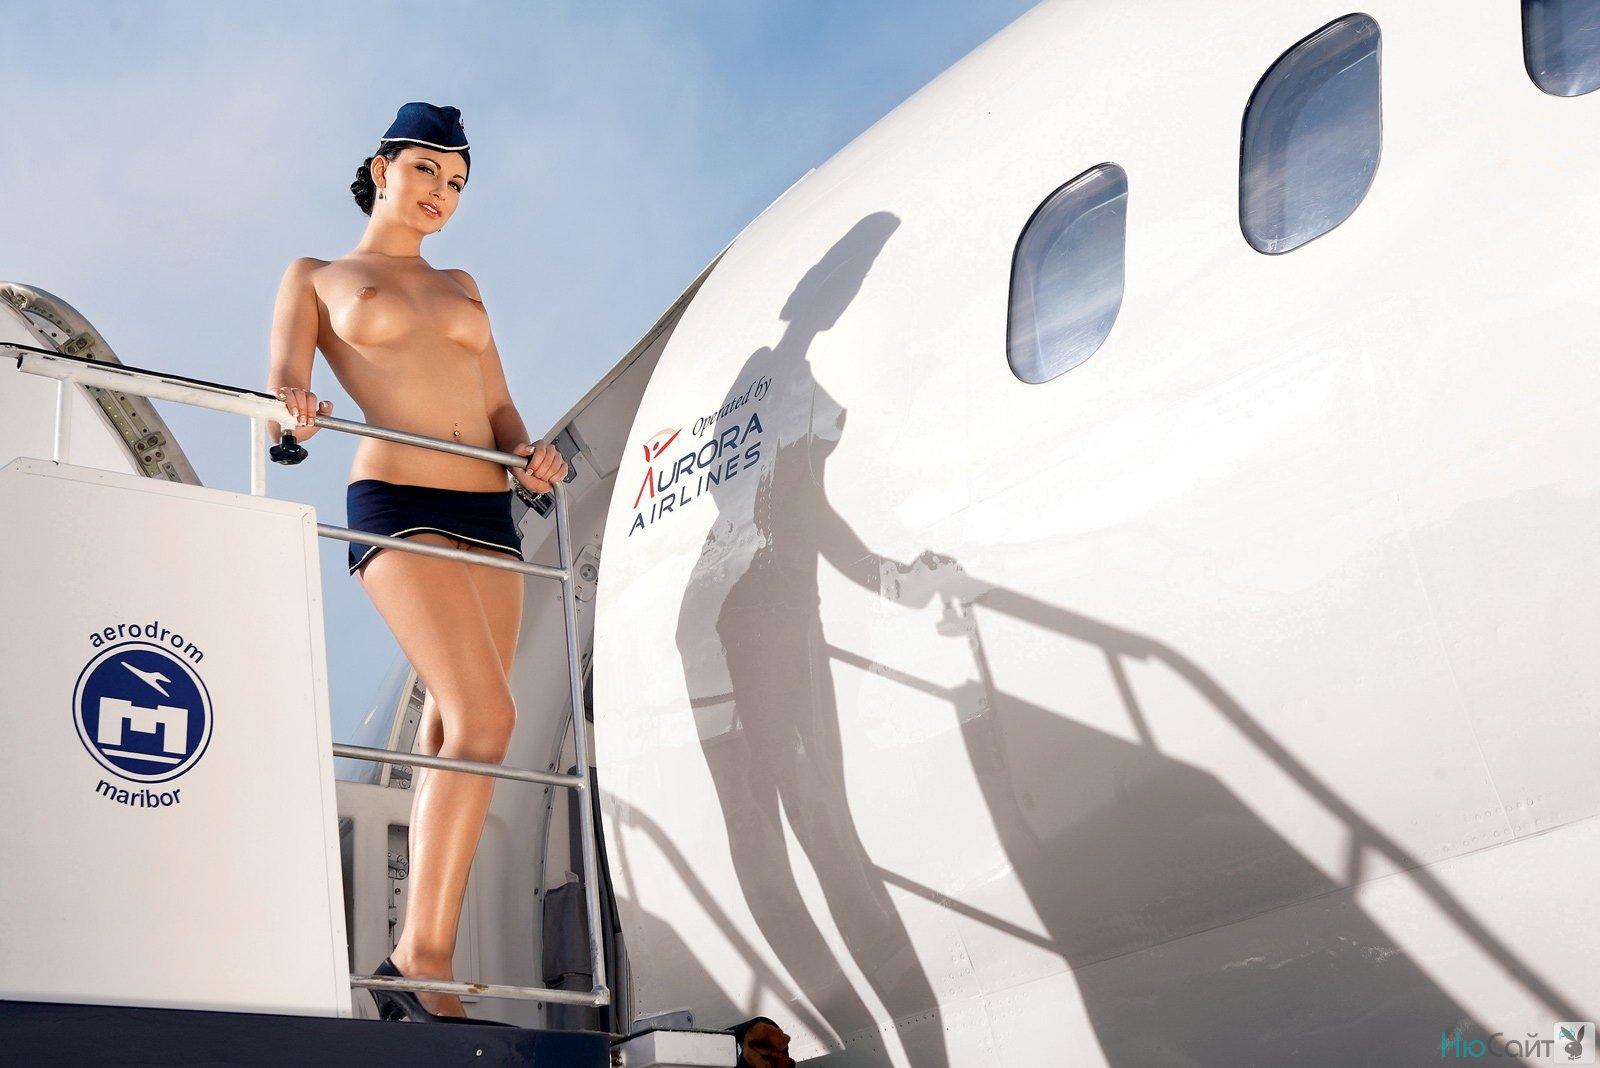 лицо стюардессы фото голые порно